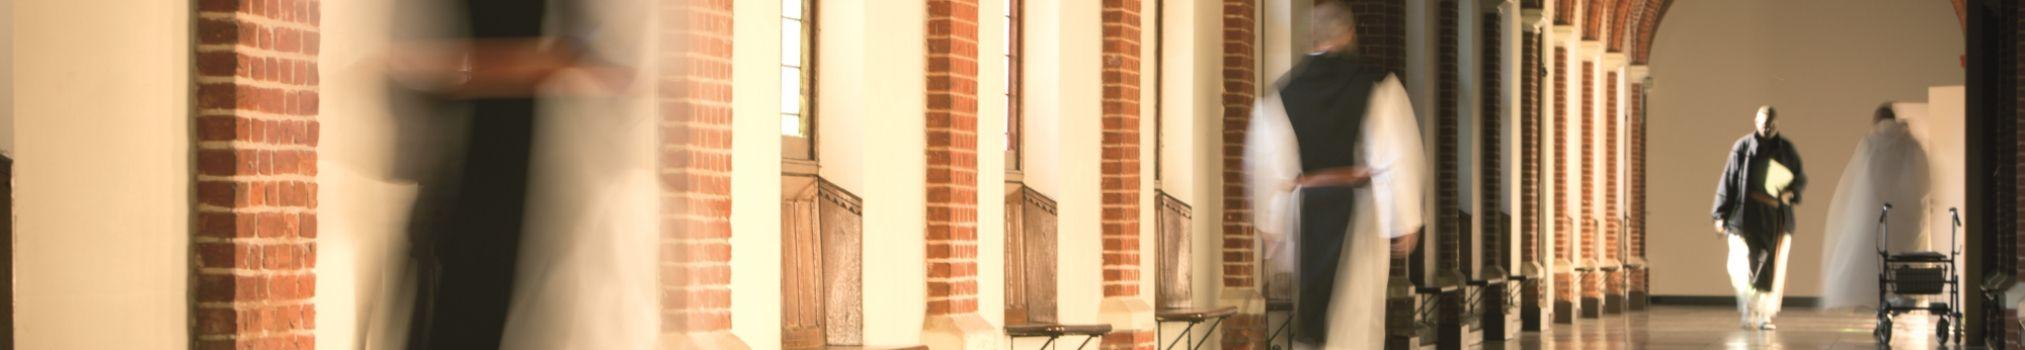 Moines se rendant à leurs tâches dans un couloir de l'abbaye